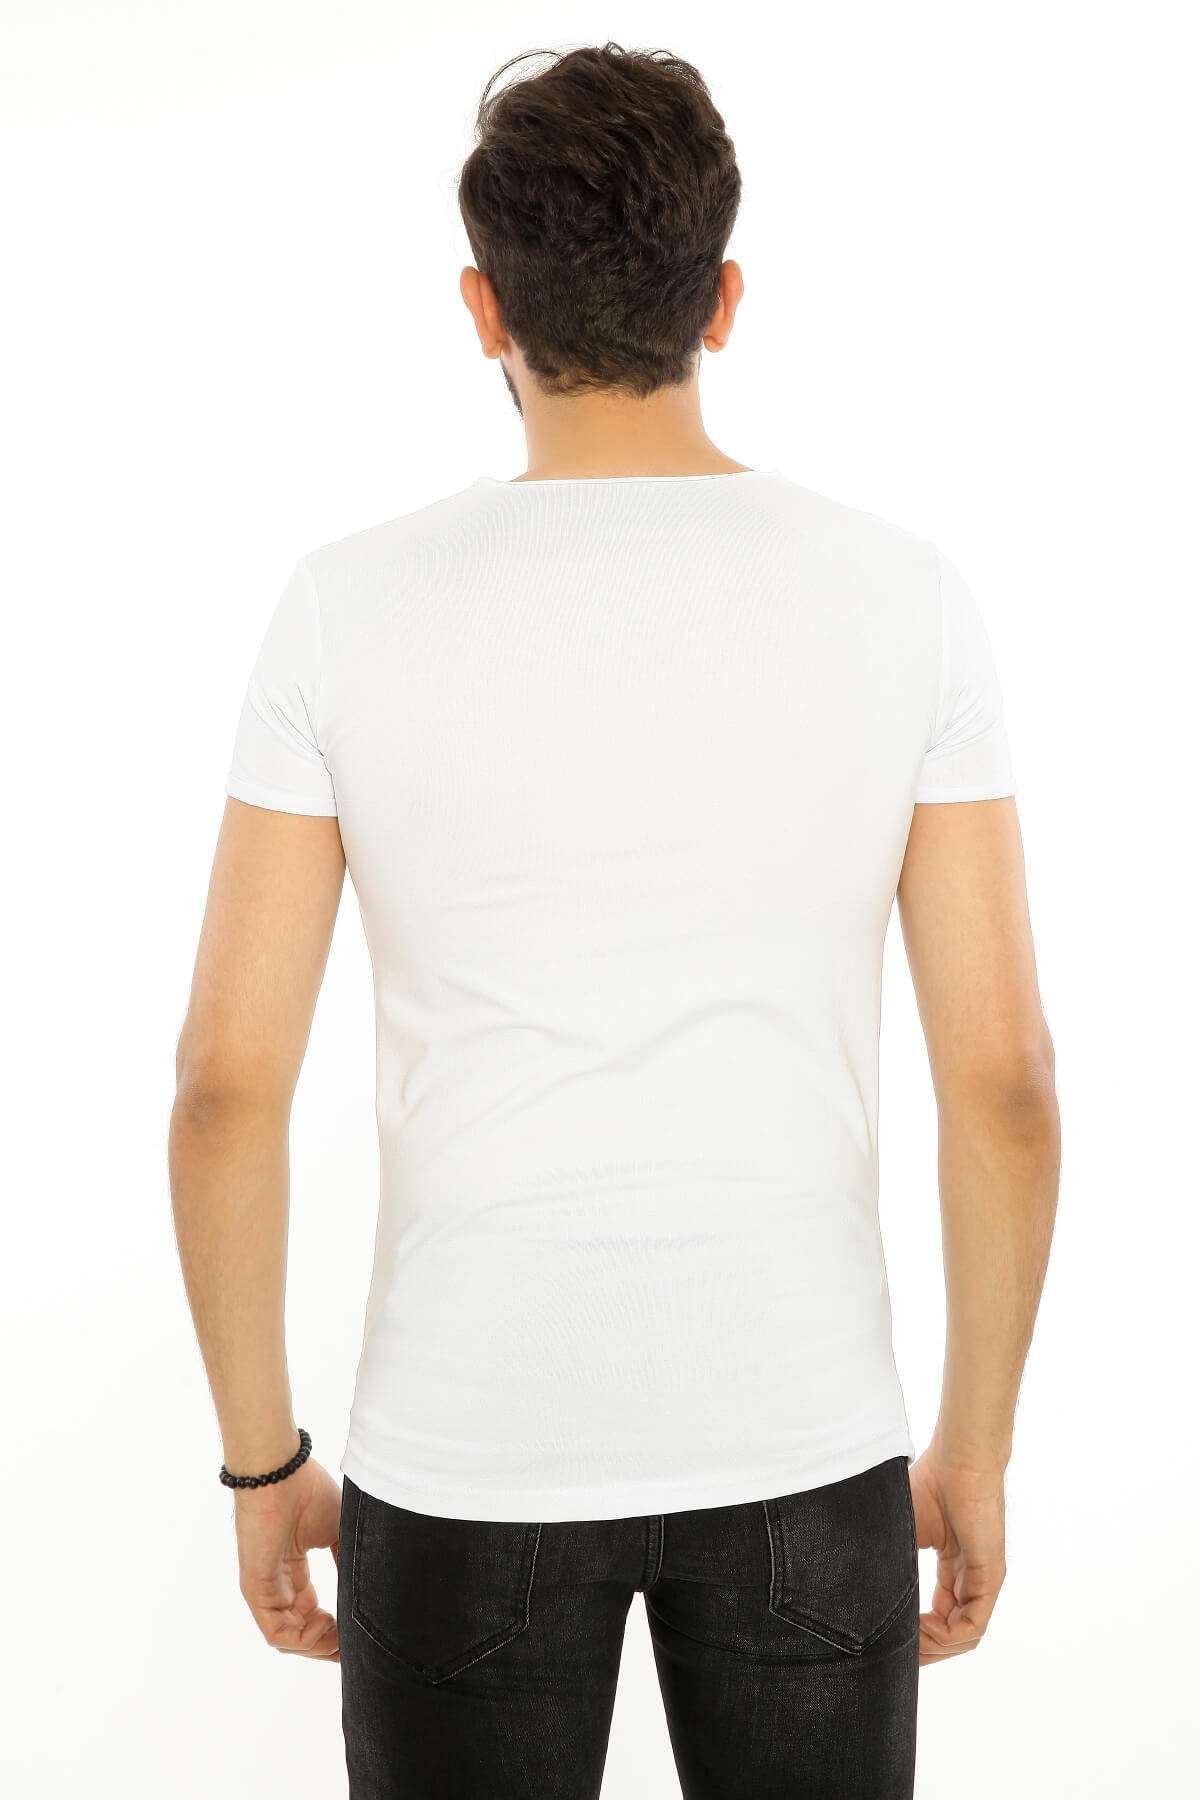 Lazer Kesik Astar Detay Likralı Tişört Beyaz